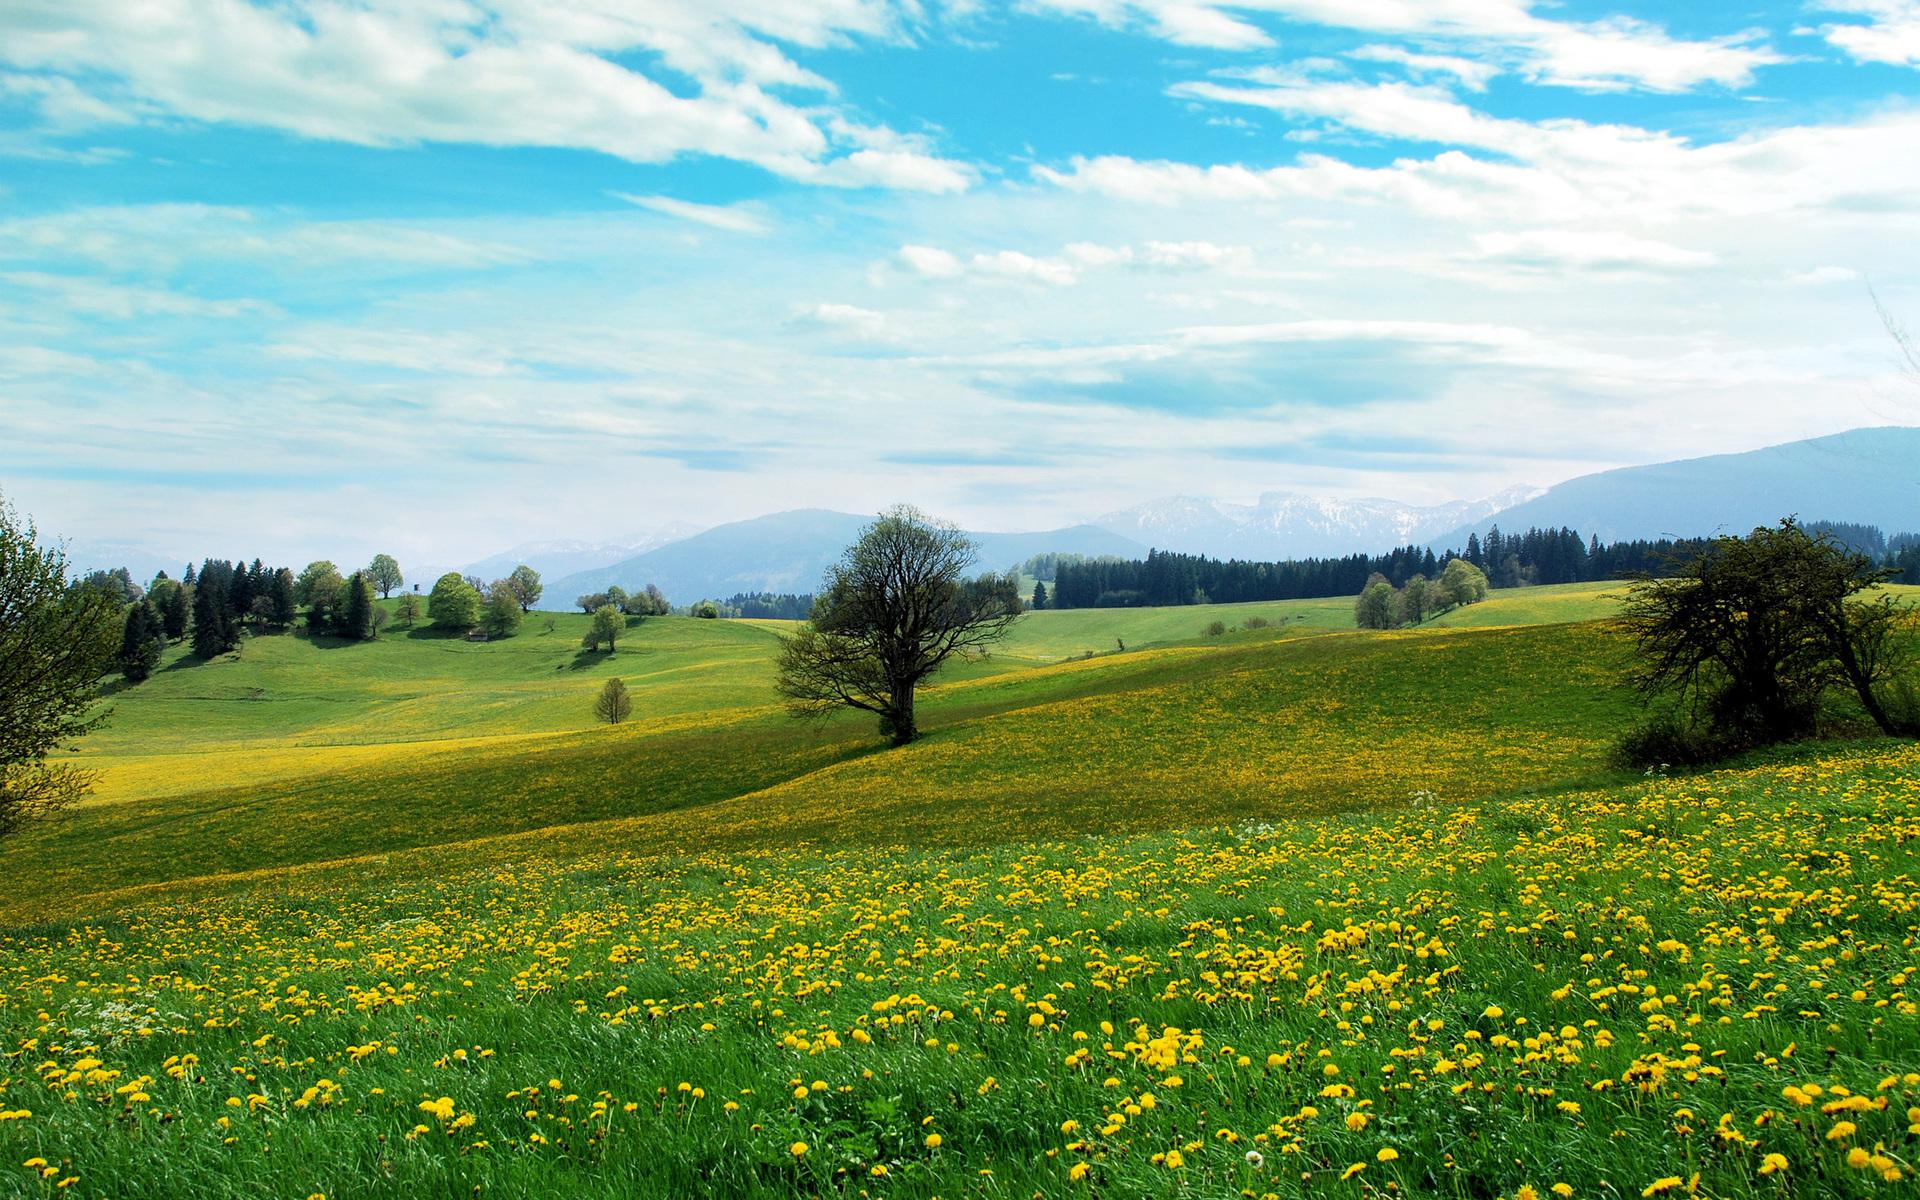 Open Landscape Wallpaper